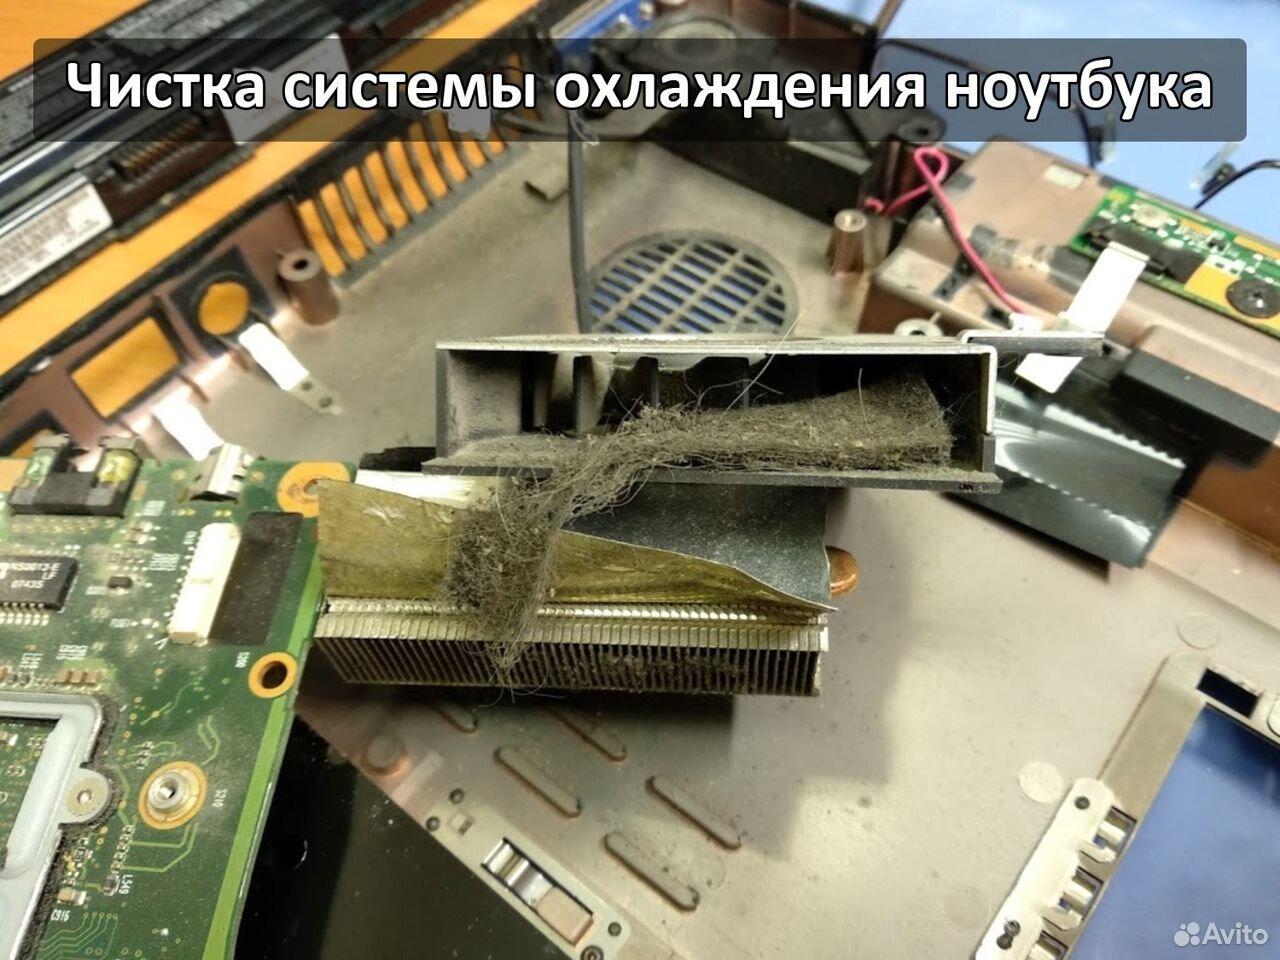 Ремонт Ноутбуков. Установка Windows  89650358034 купить 3